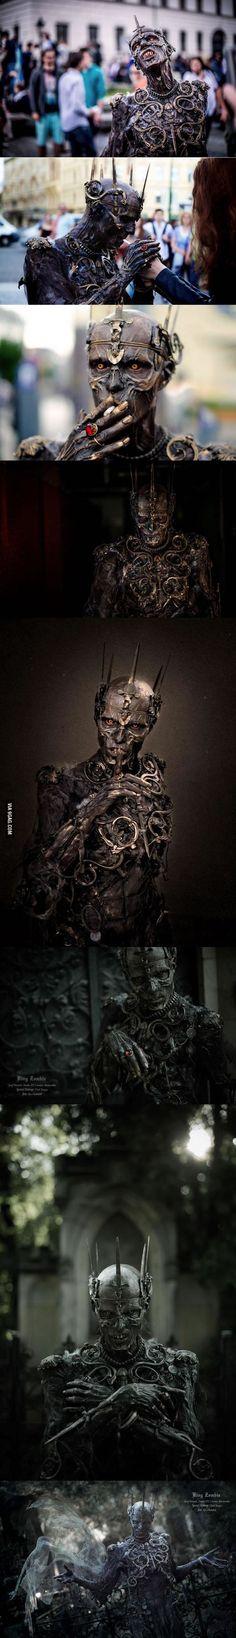 Zombie King by Josef Rarach